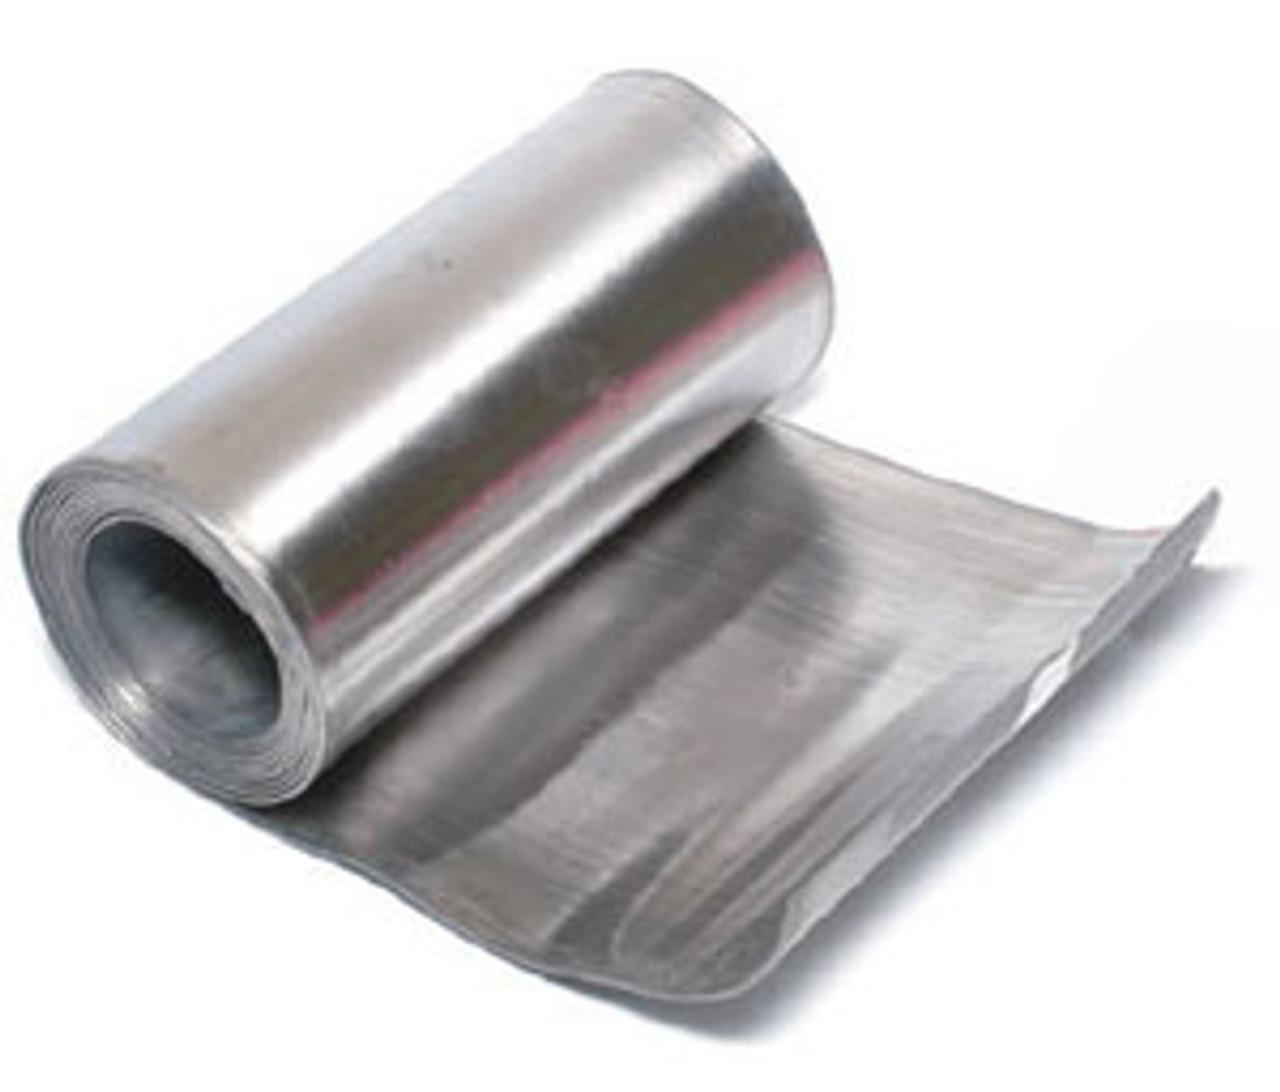 """Lead Metal Sheet, 1 Sq. Ft (1' x 1' x 1/16""""), 3 - 4 Lbs"""